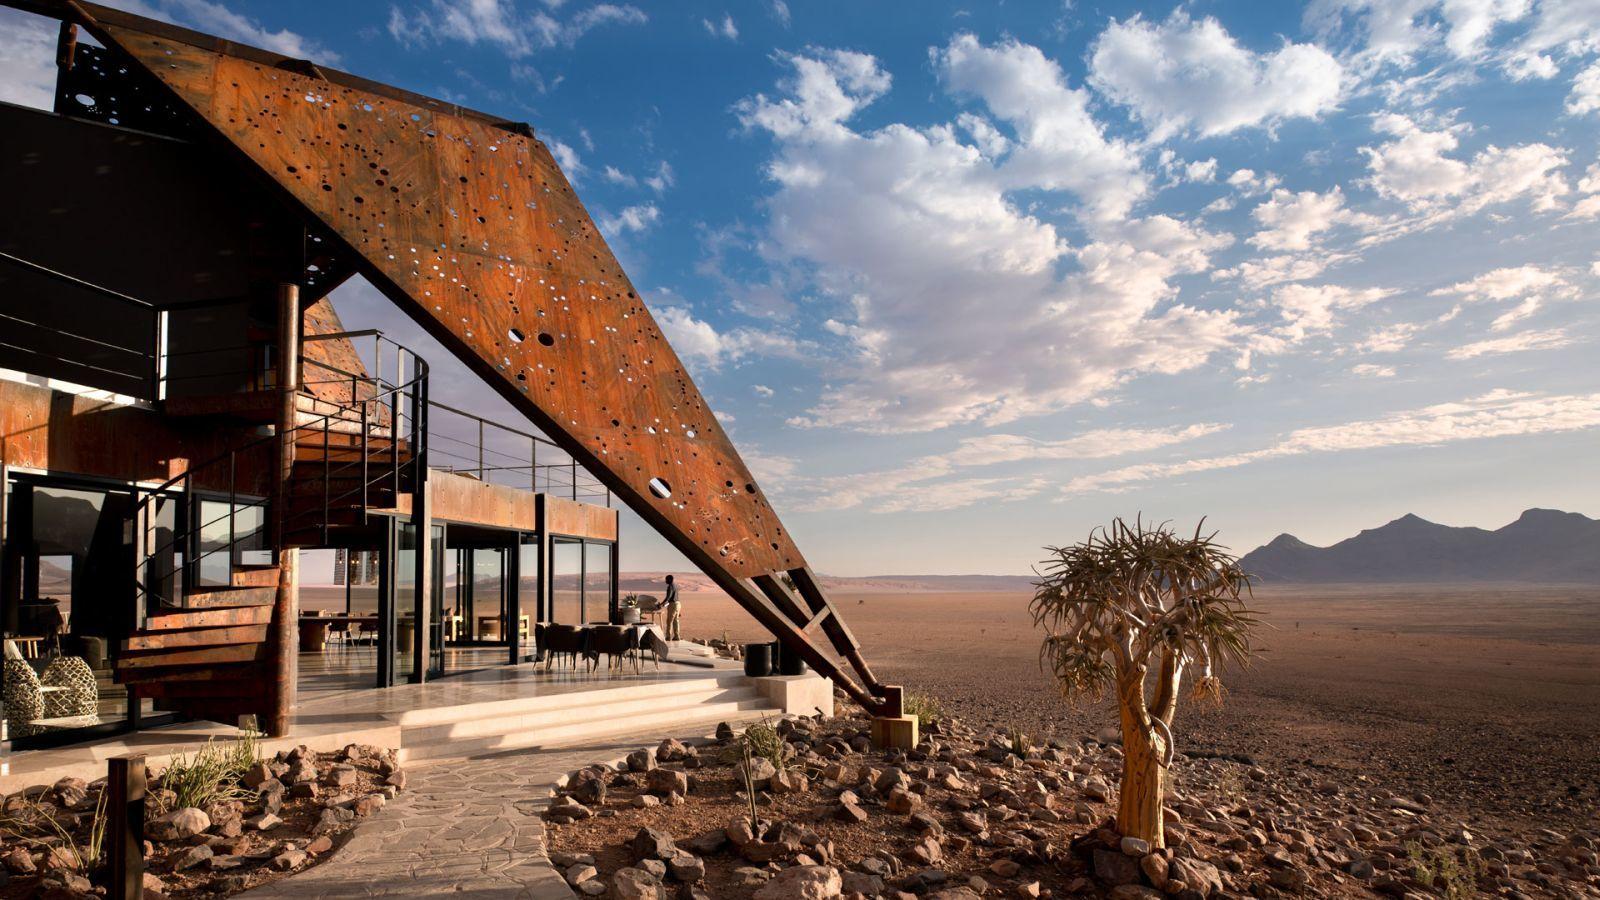 Látványos corten acél épületelemek